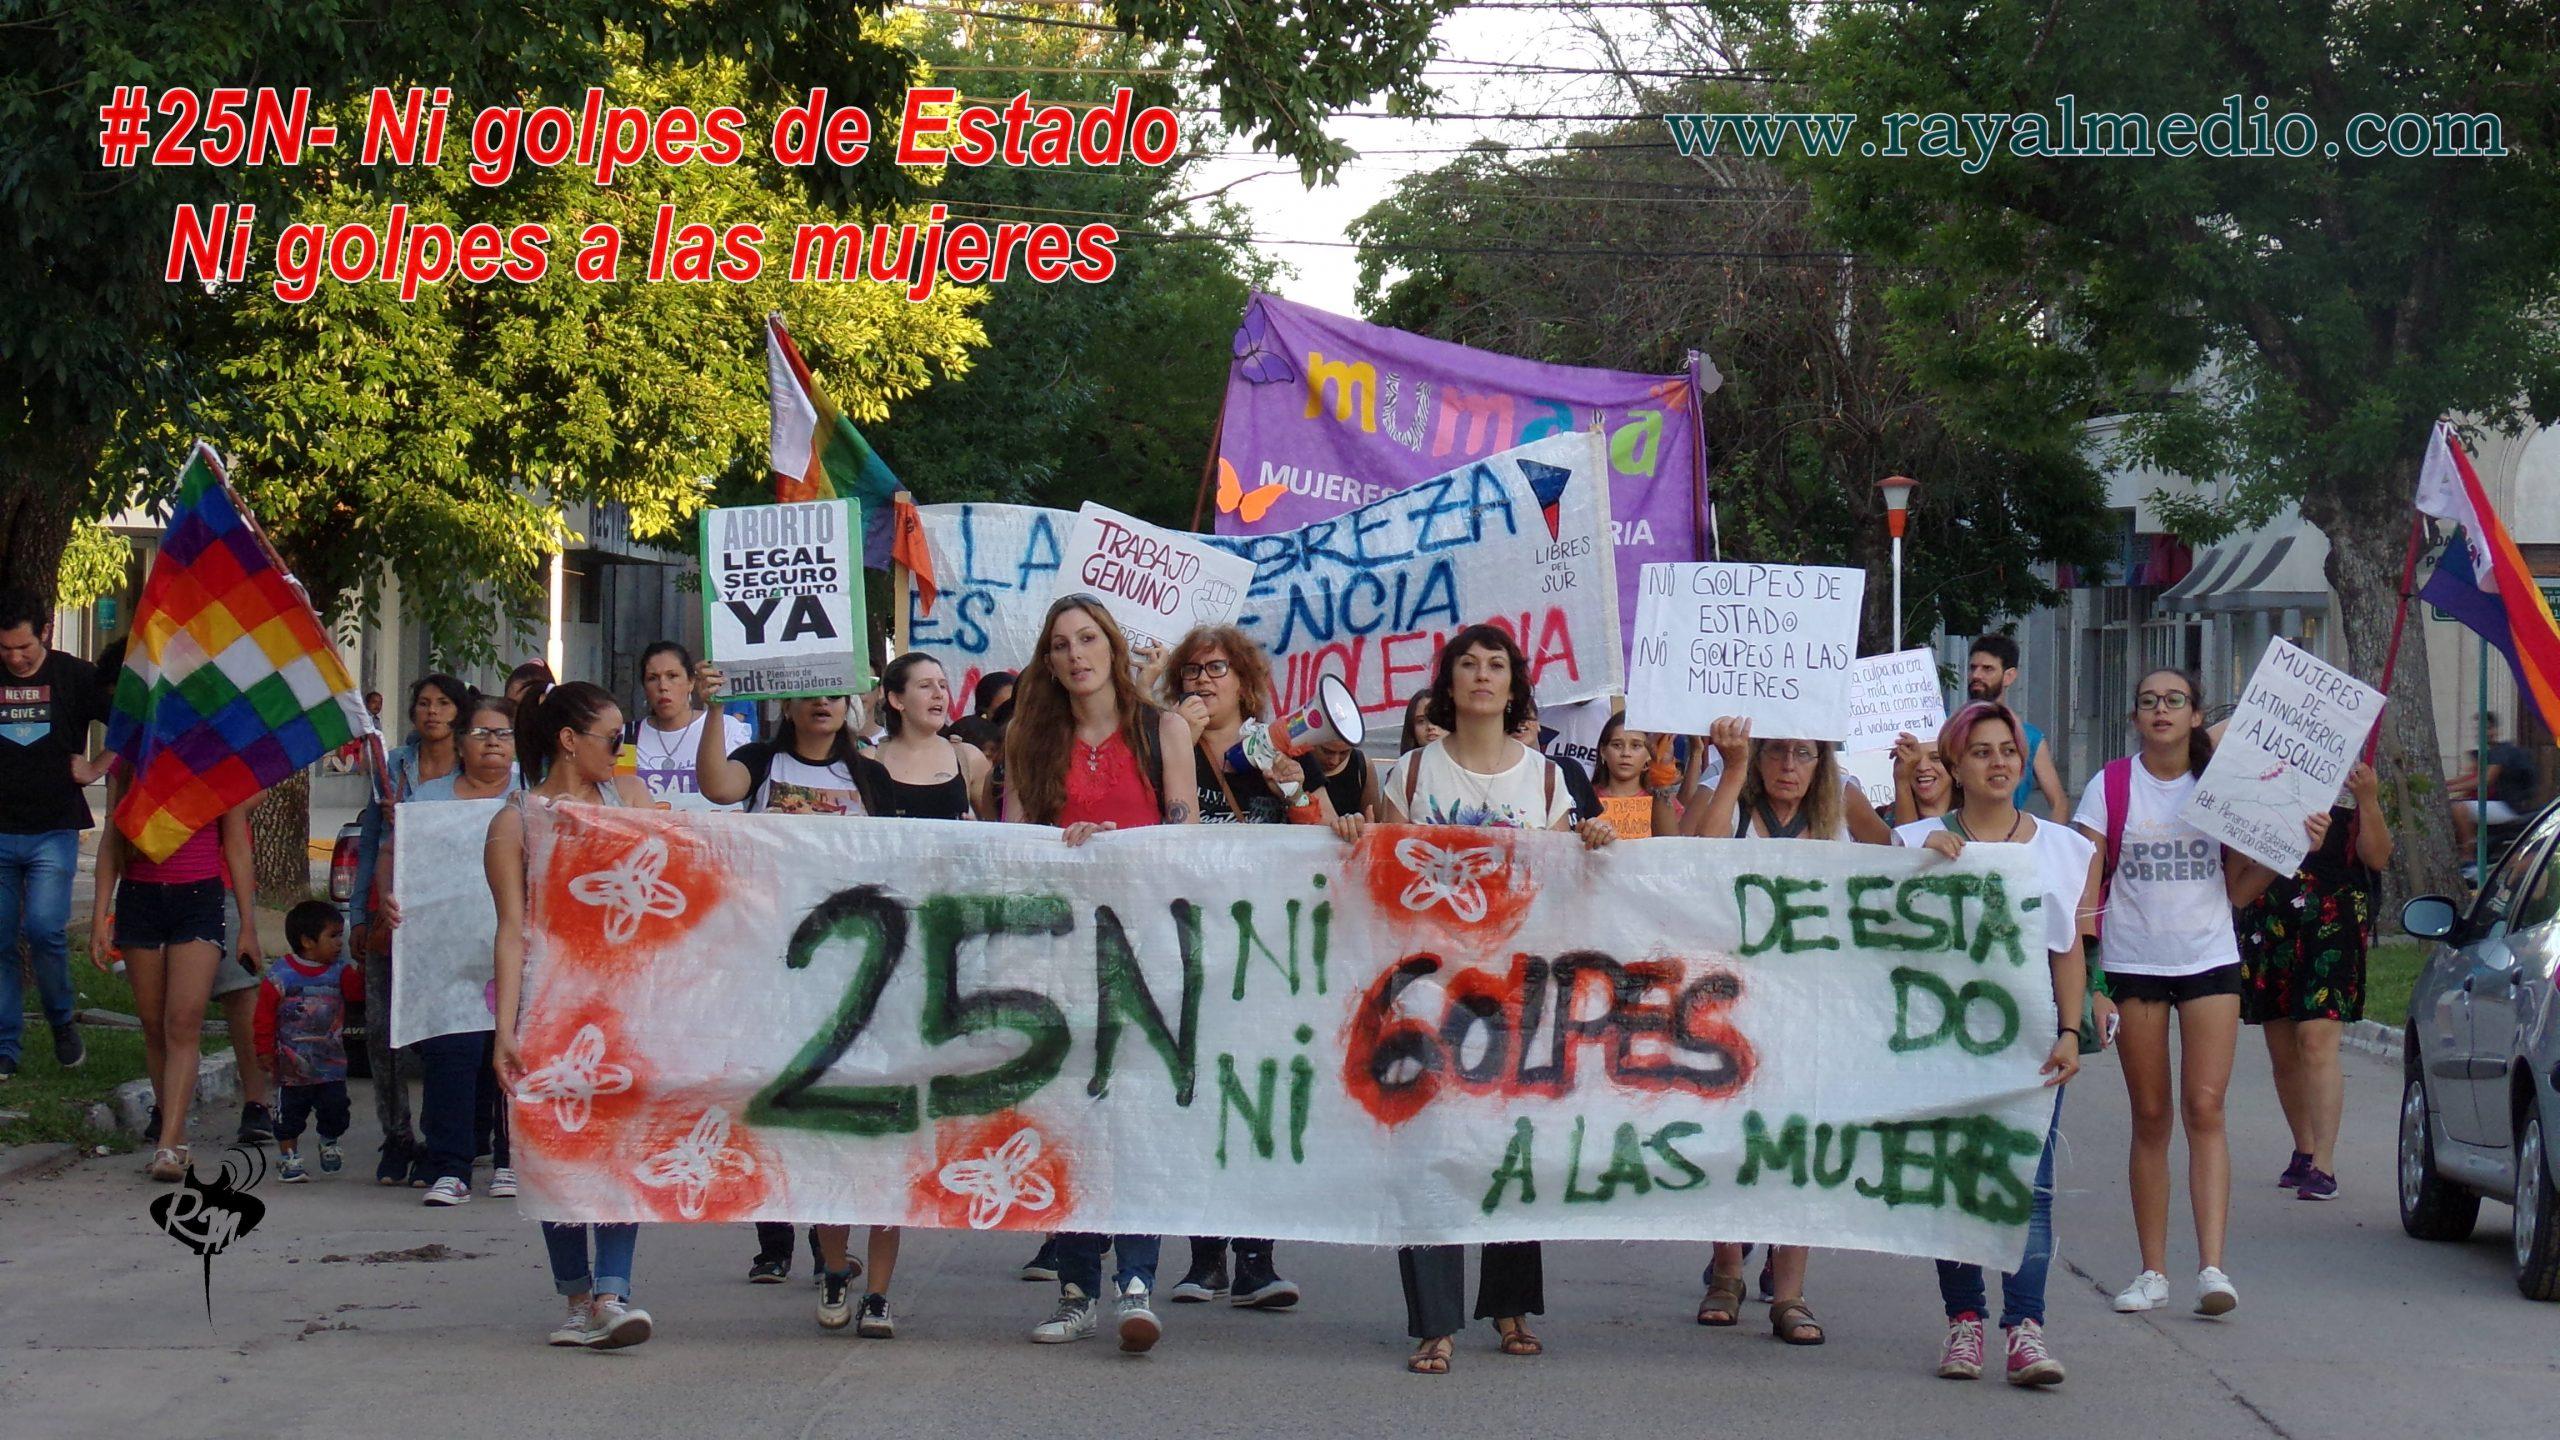 25N-Marcha: Ni golpes de Estado ni Golpes a las Mujeres